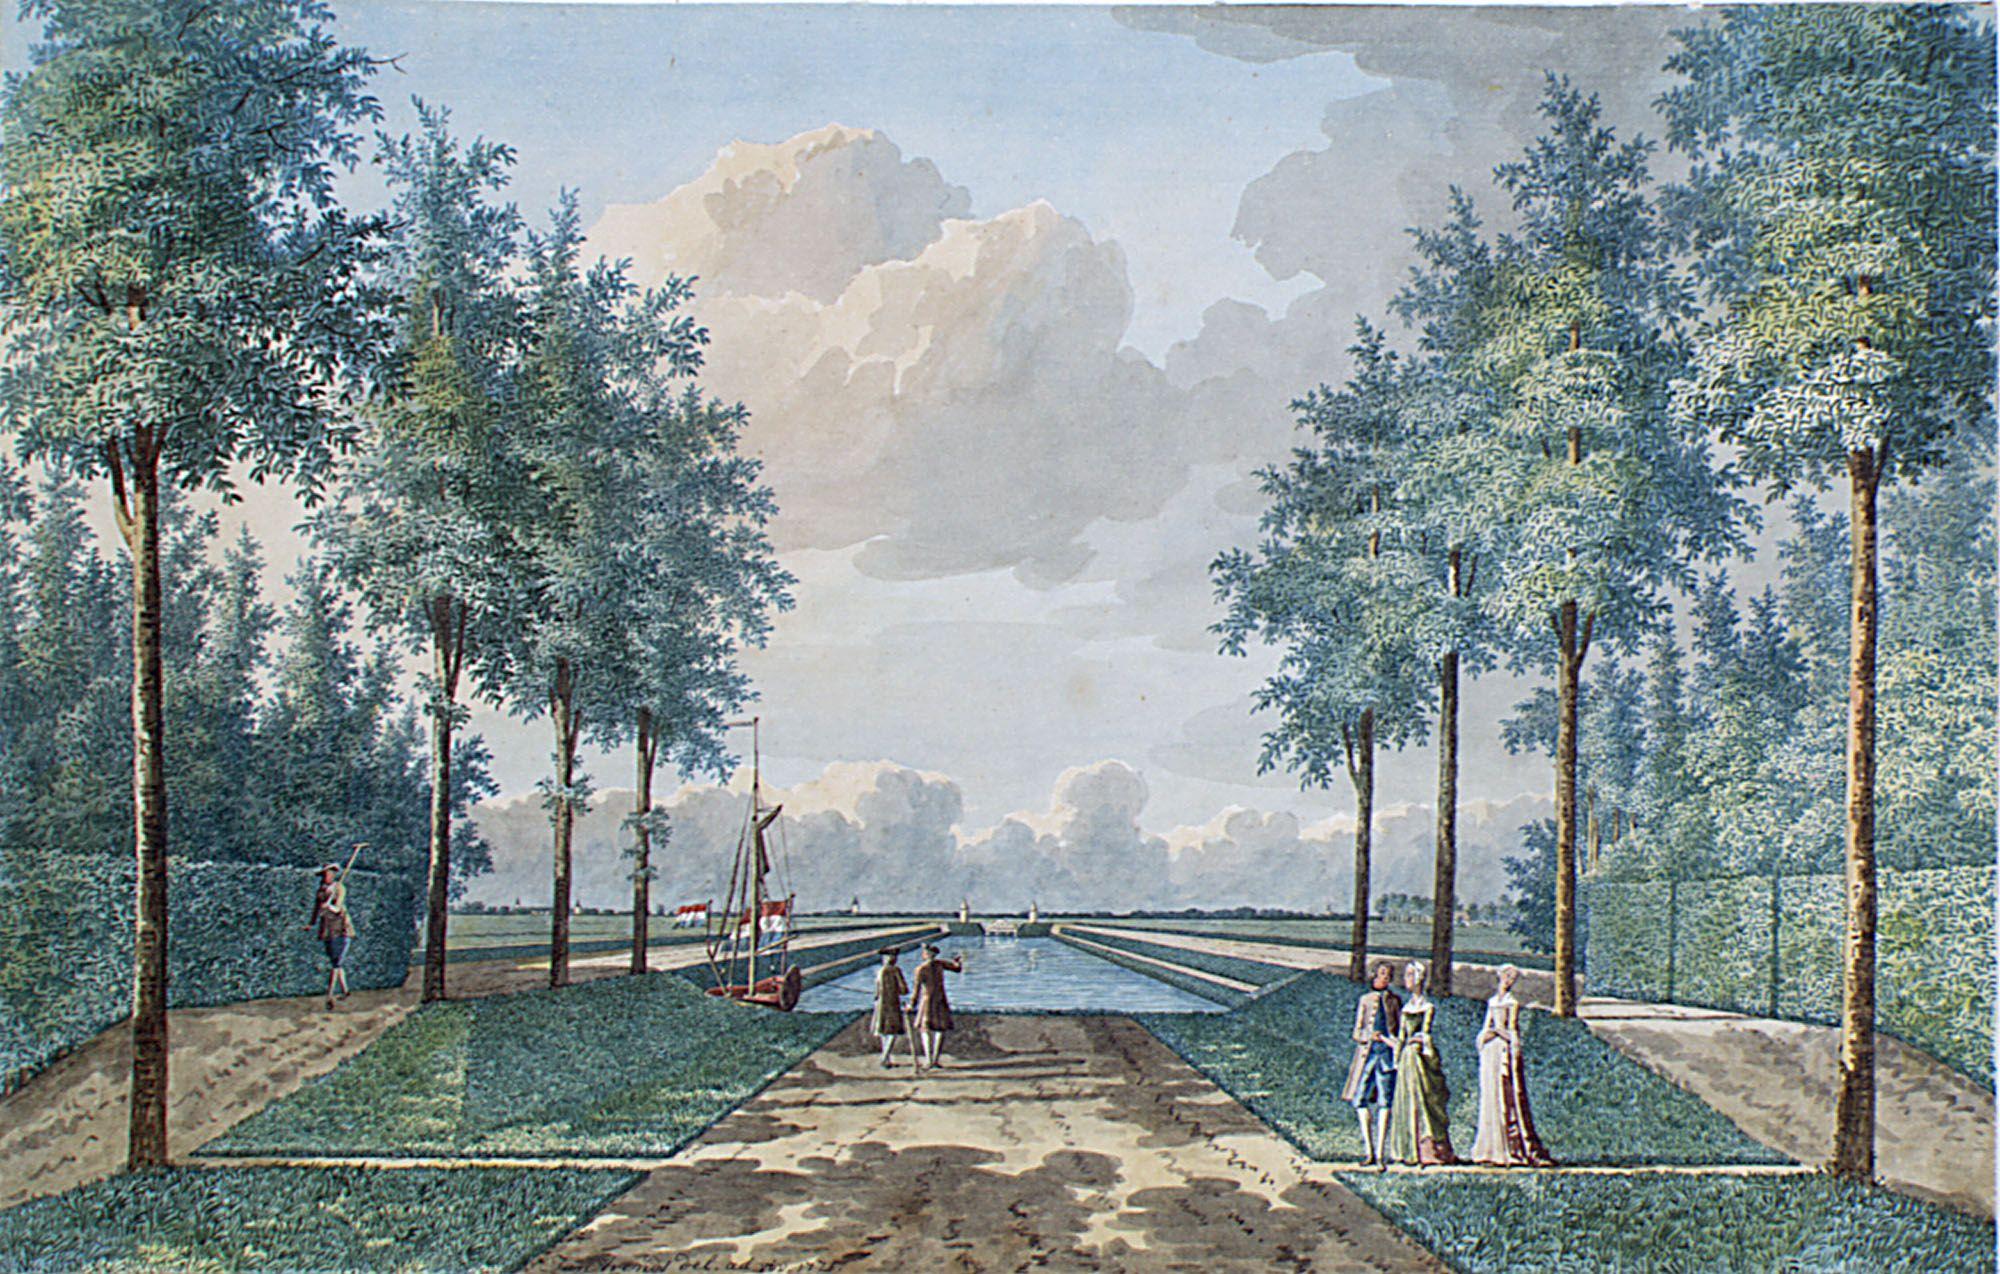 De tuin bij het buiten Poppenroede Ambacht, met op de achtergrond het bijbehorende kanaaltje. Aquarel door Jan Arends, omstreeks 1770-1771. (Zeeuws Archief, collectie Zeeuws Genootschap, Zelandia Illustrata)